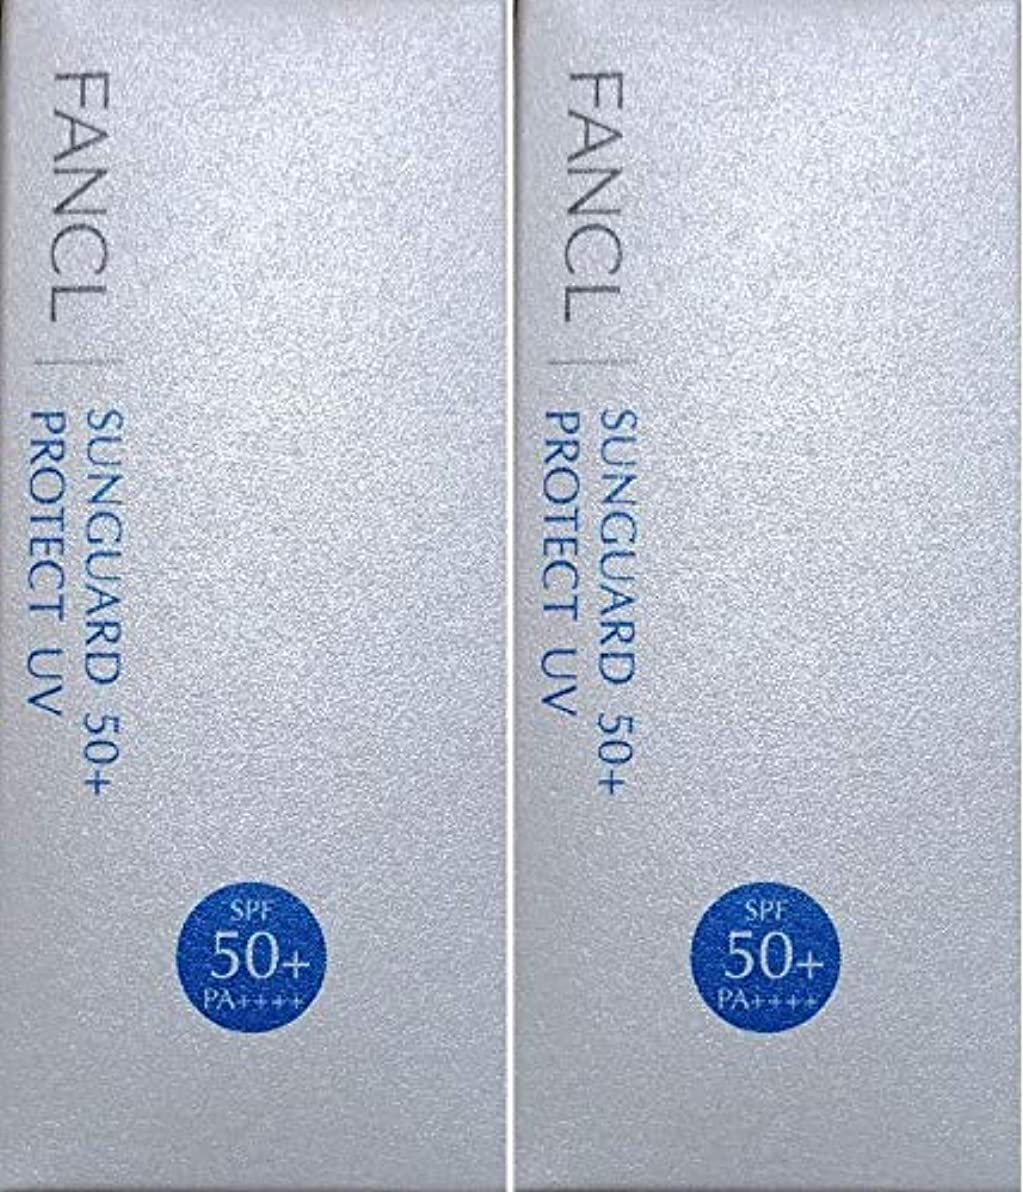 文芸強化する渦ファンケル(FANCL) サンガード50+ プロテクトUV (SPF50+?PA++++)60mL ×2箱セット